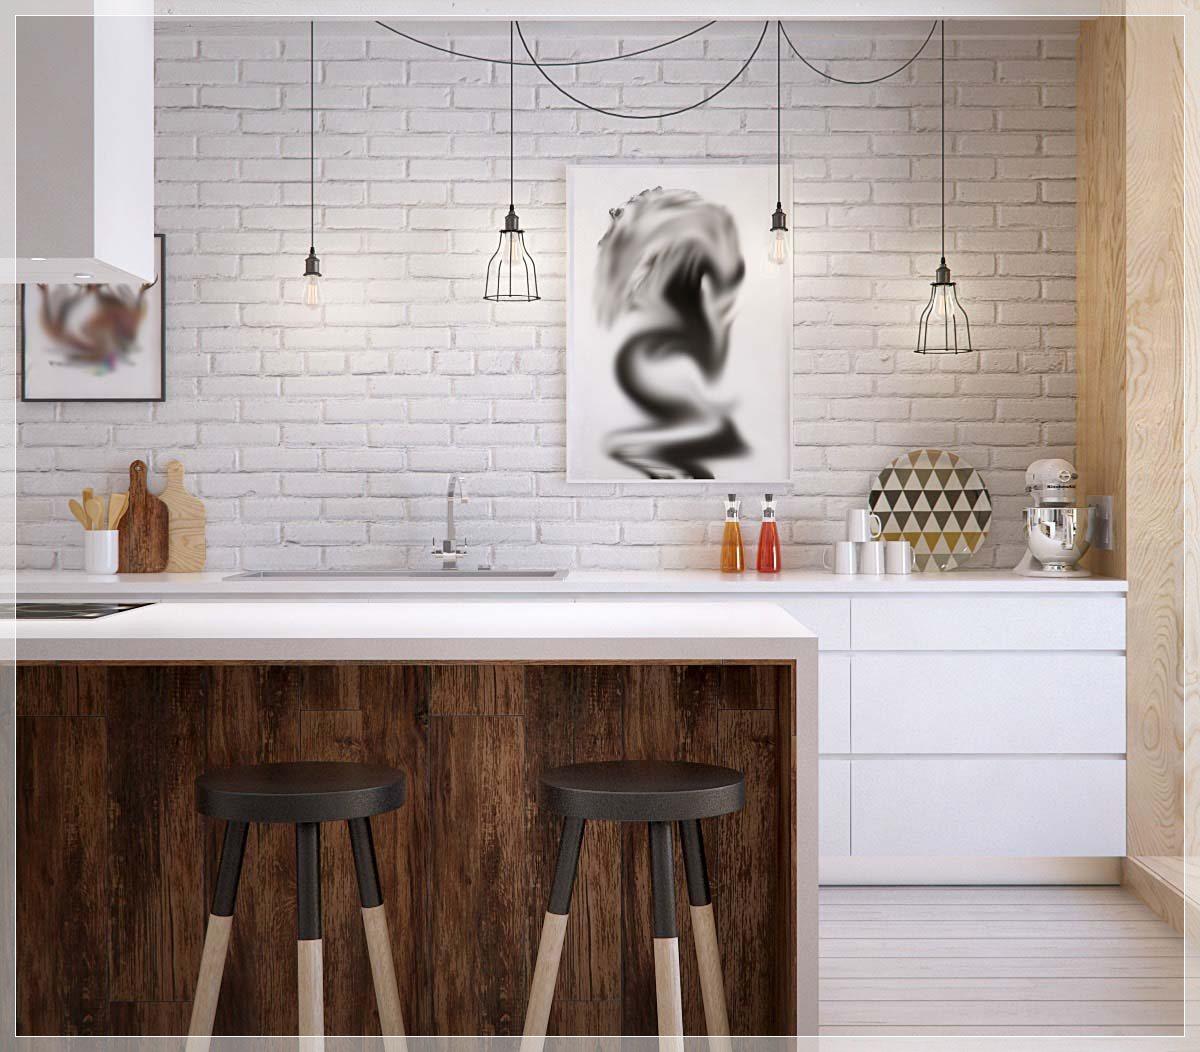 25 hvit og tre kjøkken ideer   interiør inspirasjon